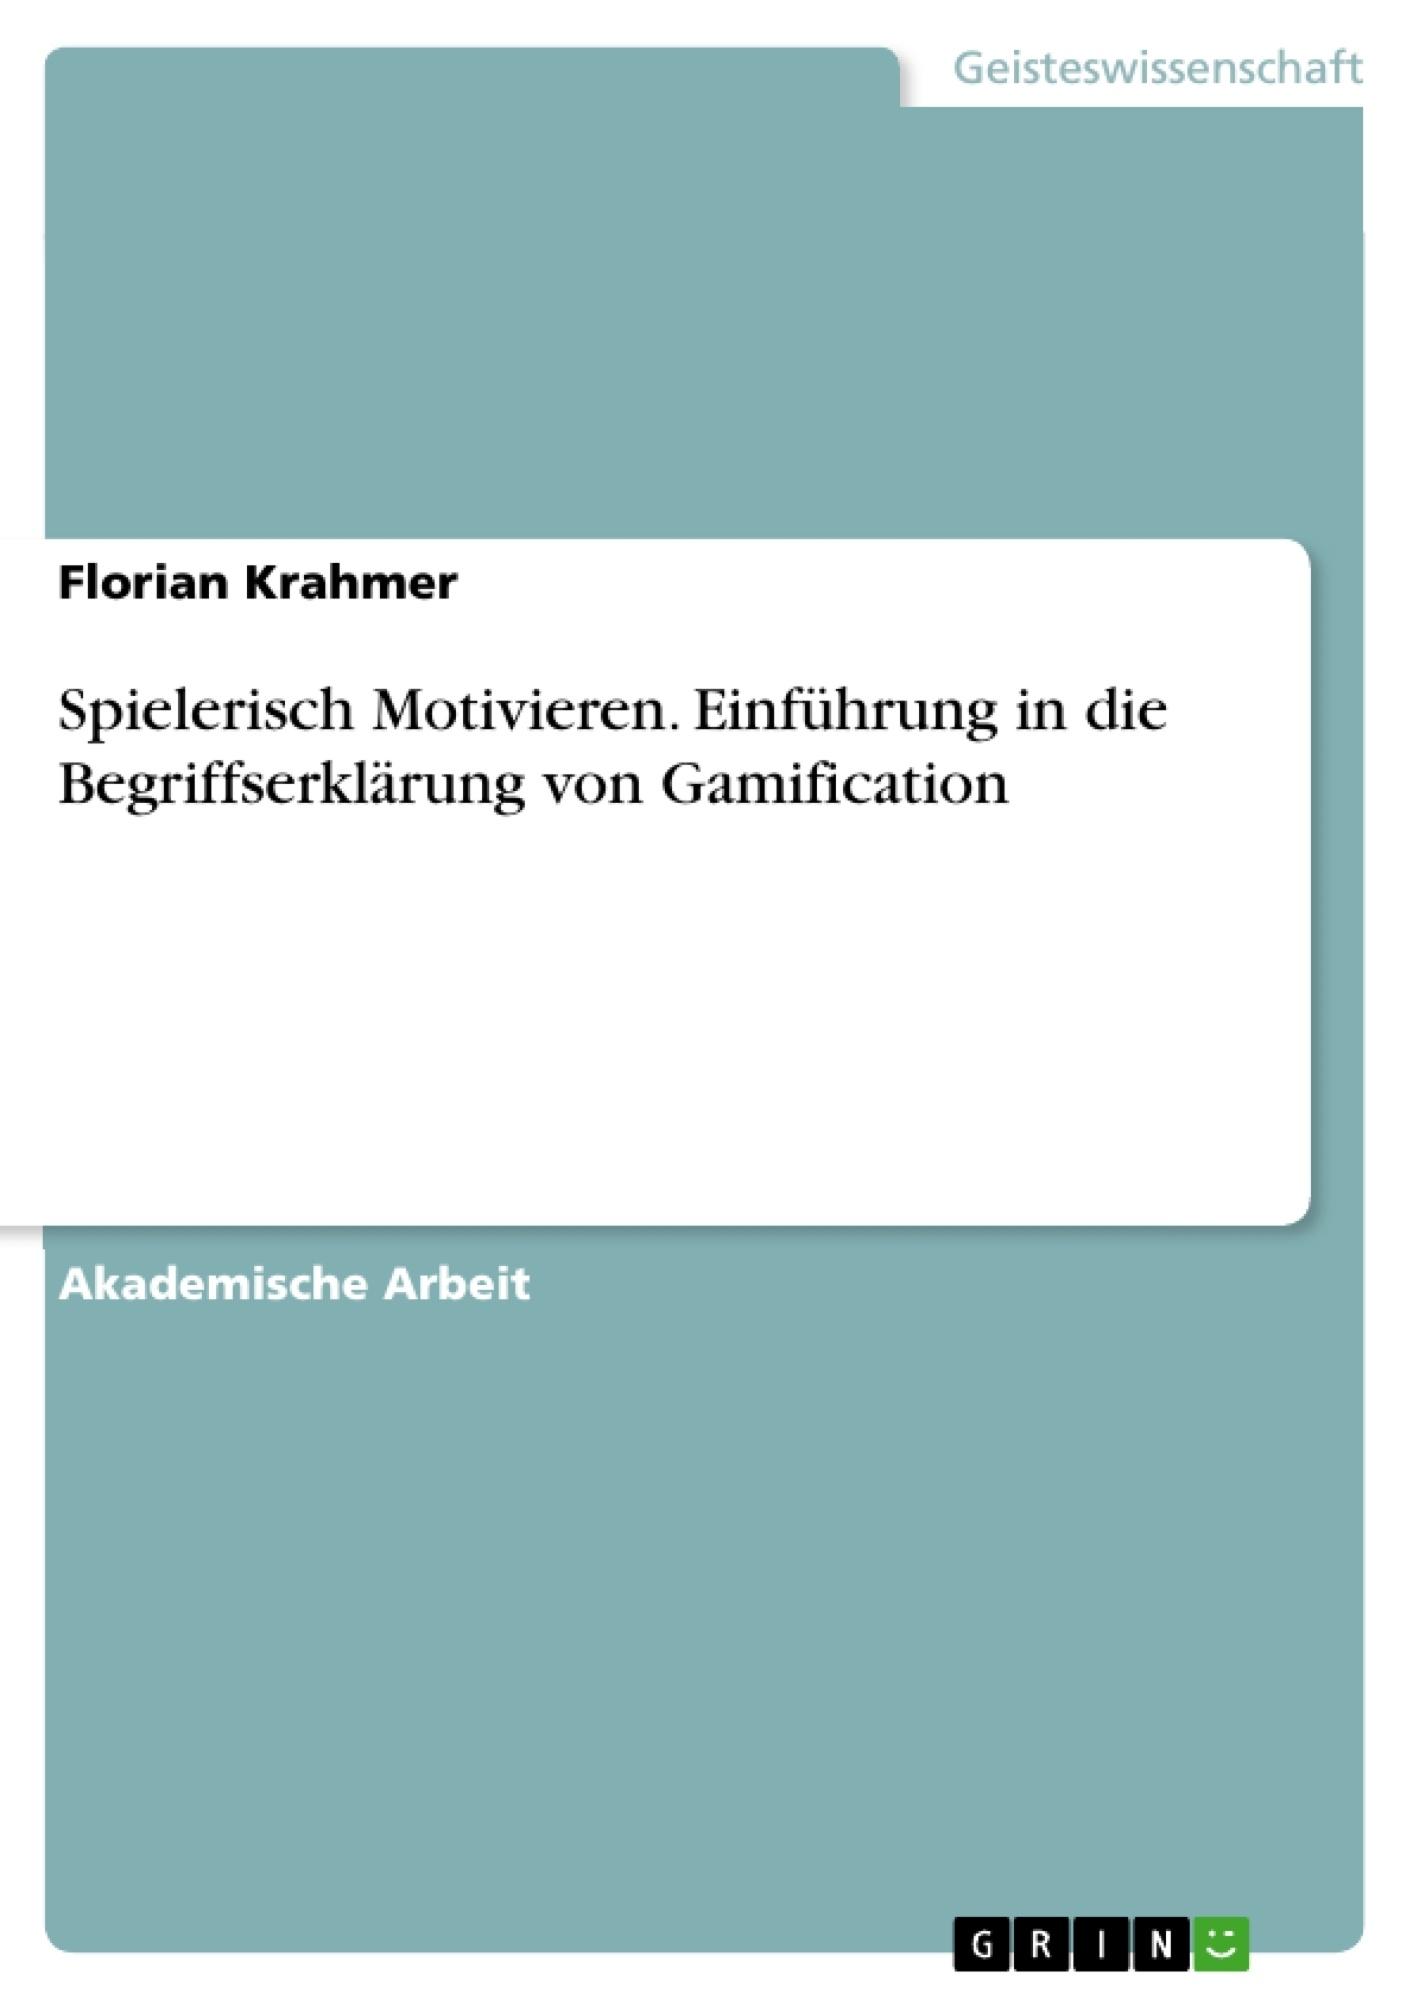 Titel: Spielerisch Motivieren. Einführung in die Begriffserklärung von Gamification